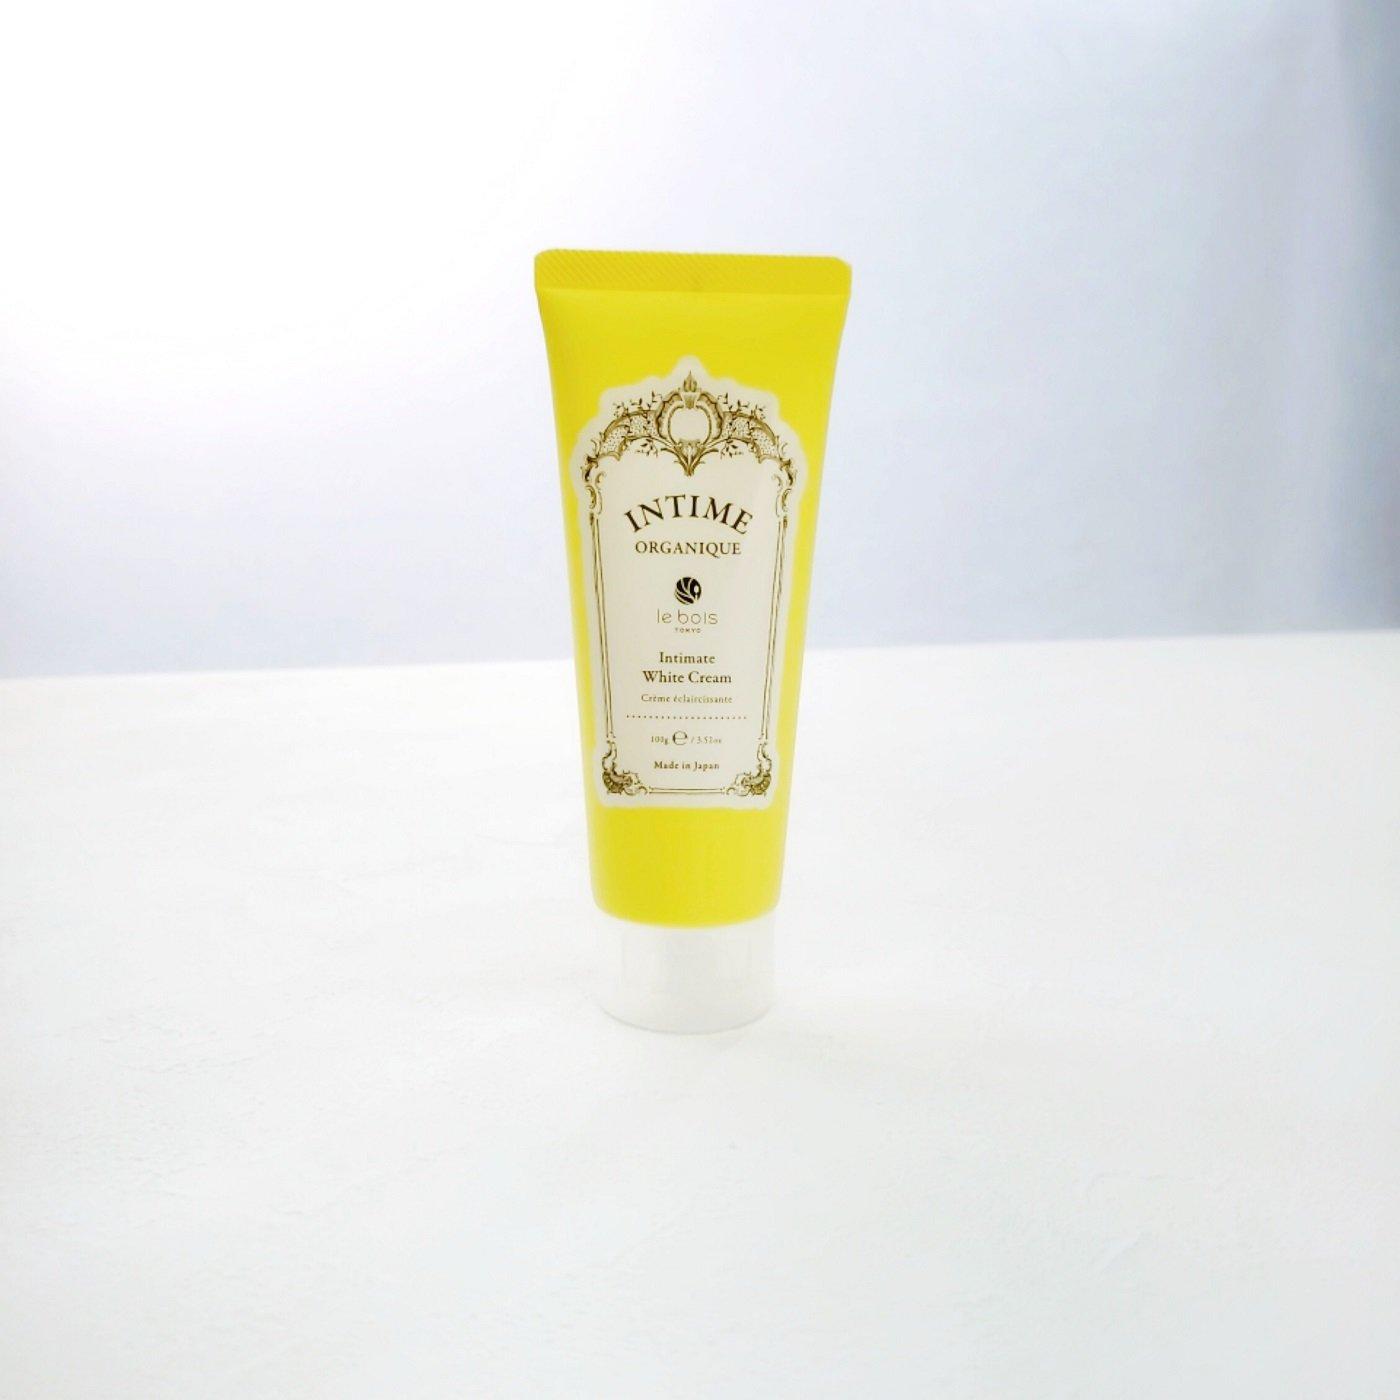 アンティーム ホワイトクリーム〈デリケートゾーン用美容クリーム〉100g